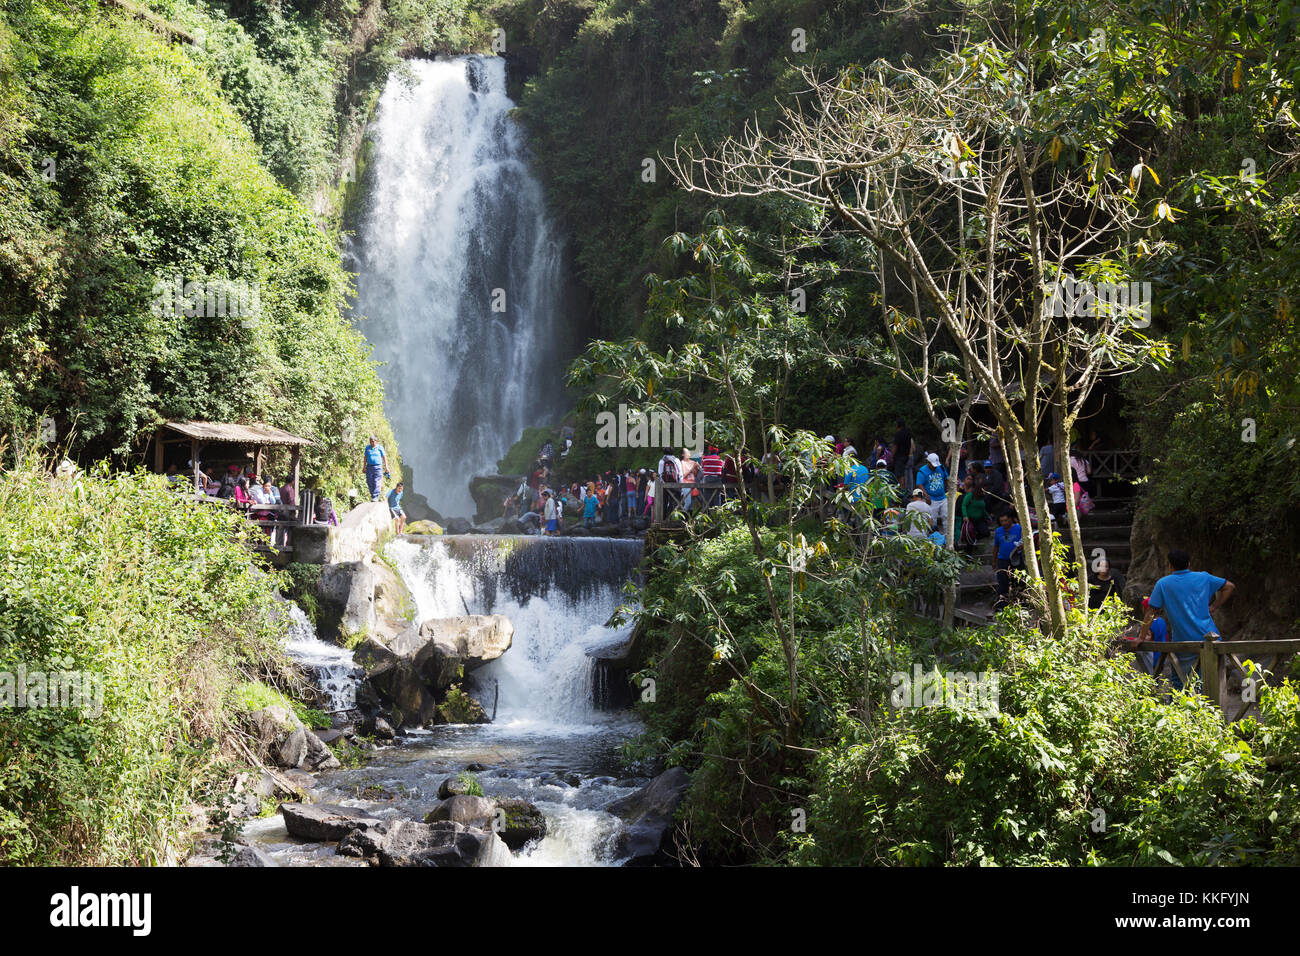 Equateur - Cascade Falls Peguche, Otavalo, Equateur Amérique du Sud Photo Stock